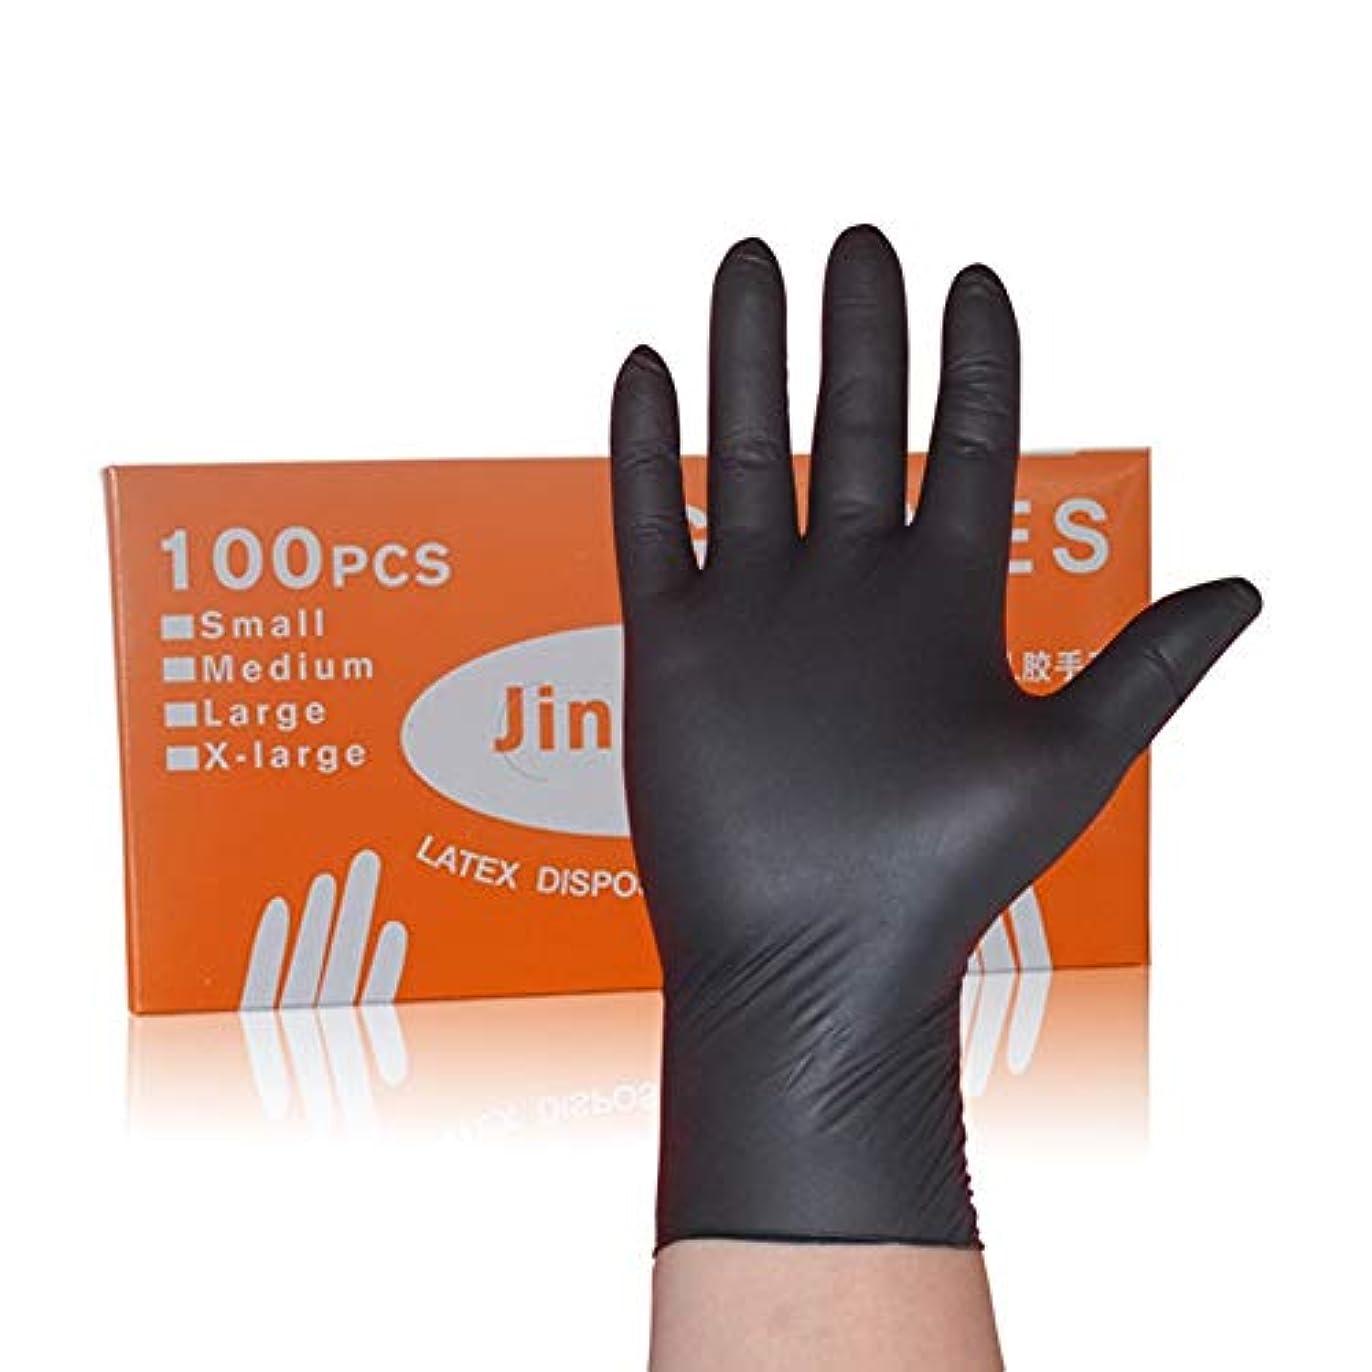 チューリップベリパーセントNbr使い捨て手袋ラテックスニトリル帯電防止ゴム実験機械美容院タトゥー手袋 YANW (色 : ブラック, サイズ さいず : L l)